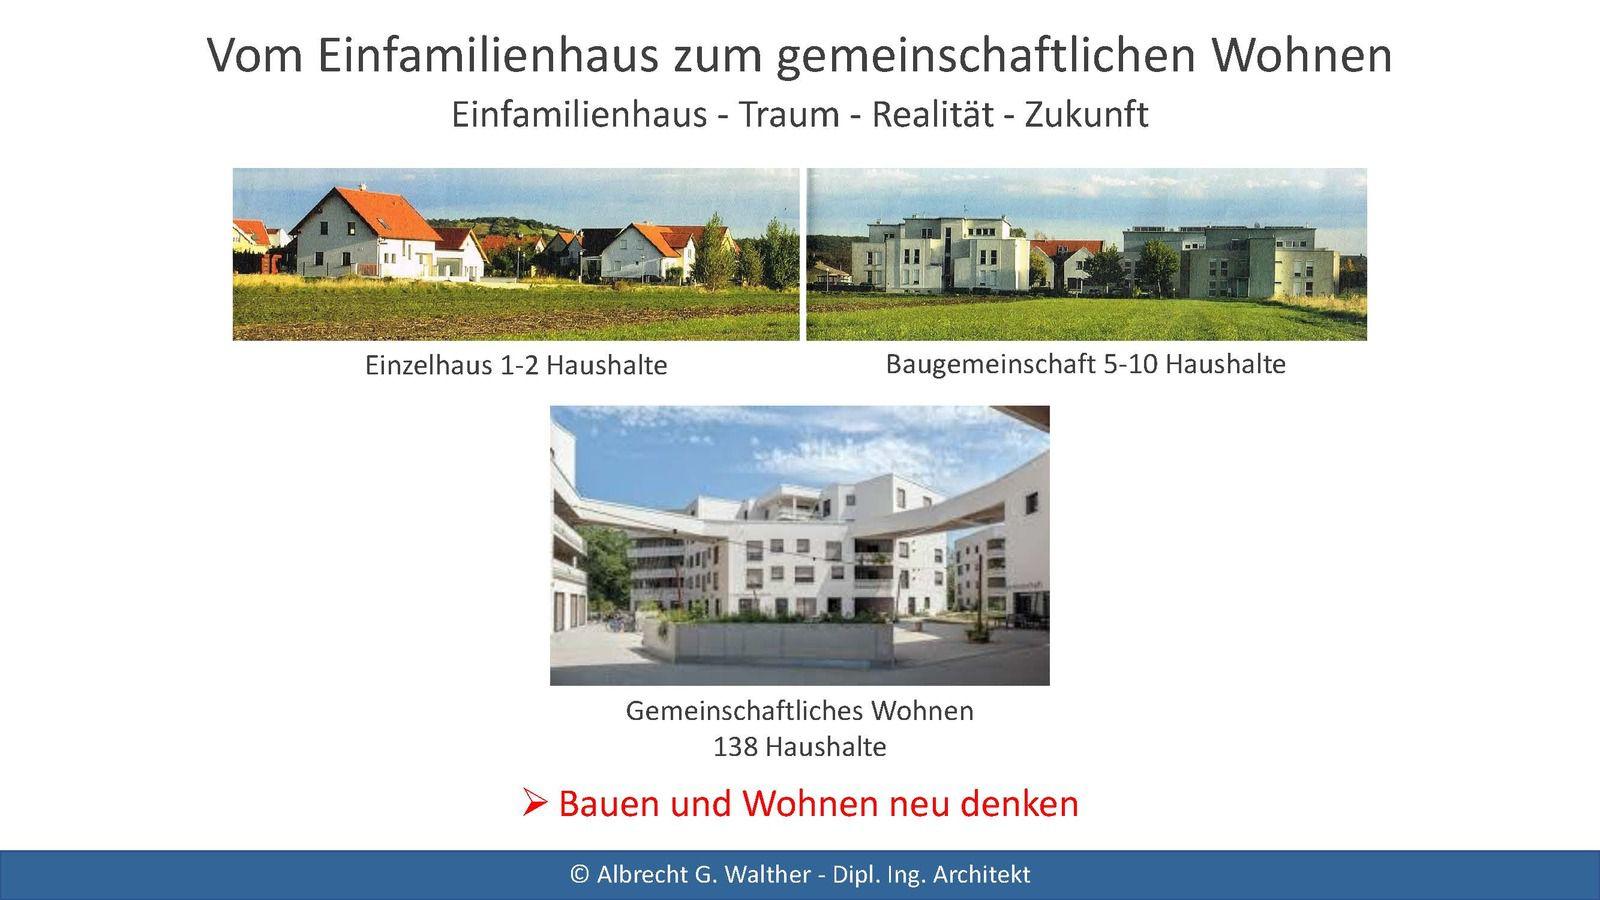 UWG-Ortsverein Veitshöchheim berichtet über Vortrag: Die grüne Kommune – Chance für den Klimawandel vom Fr. 17.09.2021 in den Mainfrankensälen